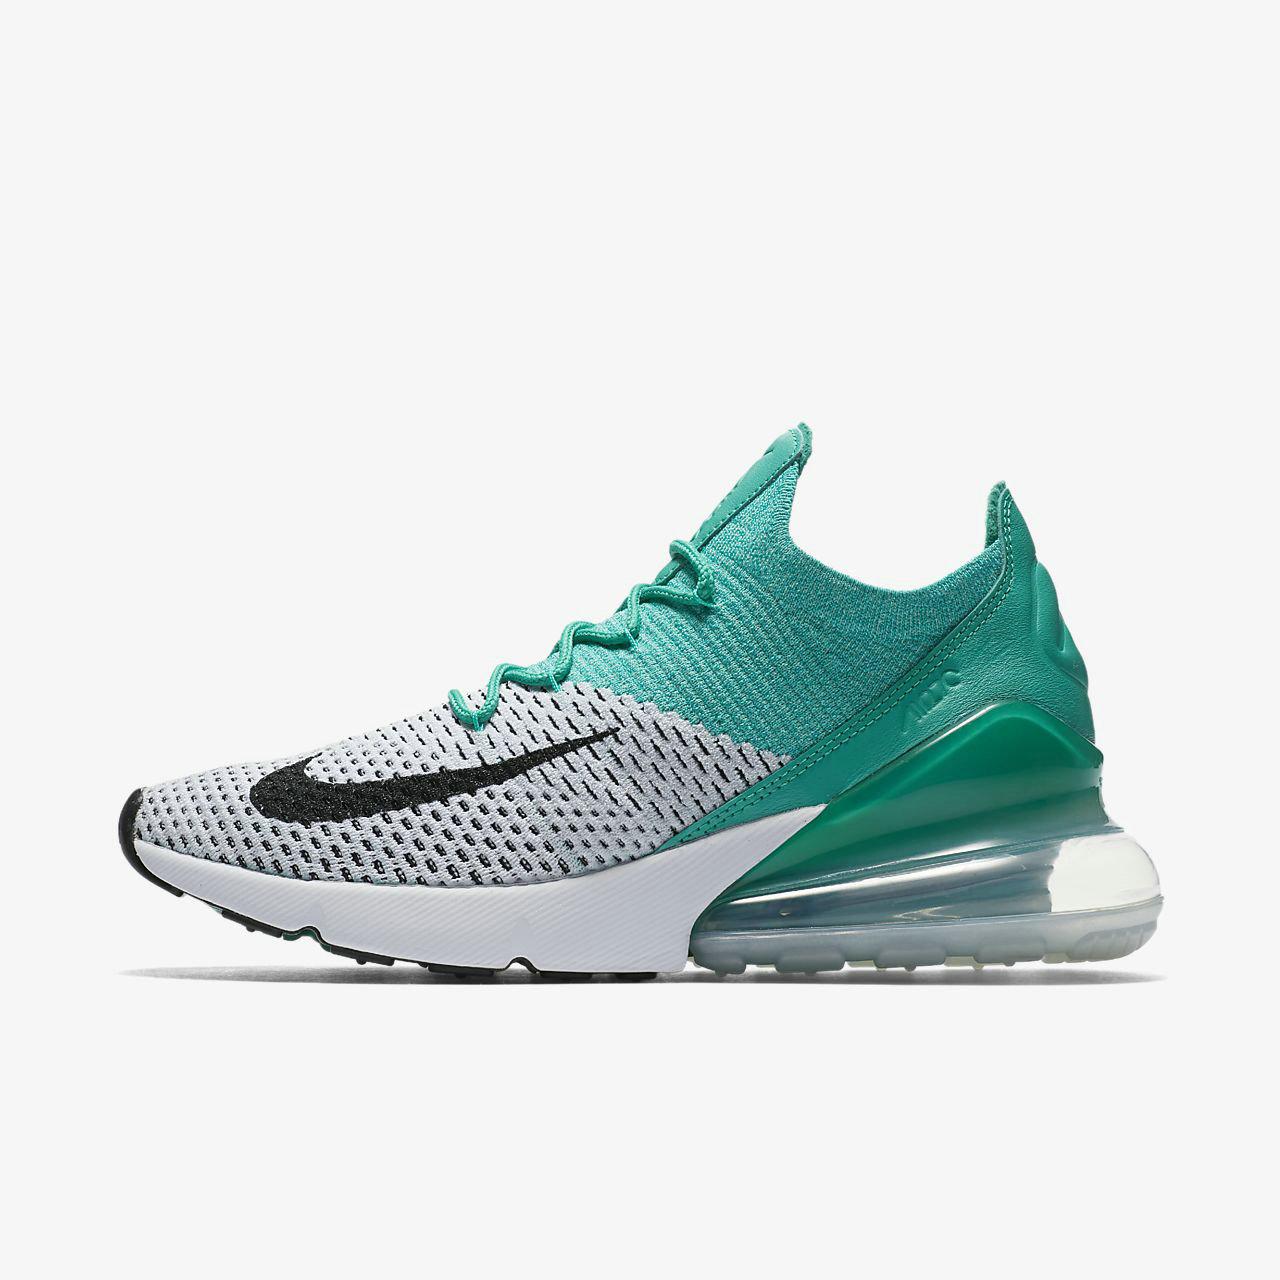 promo code e4074 027b0 Nike Air Max 270 femme chaussure de Running,nike air max 270 femme promo,